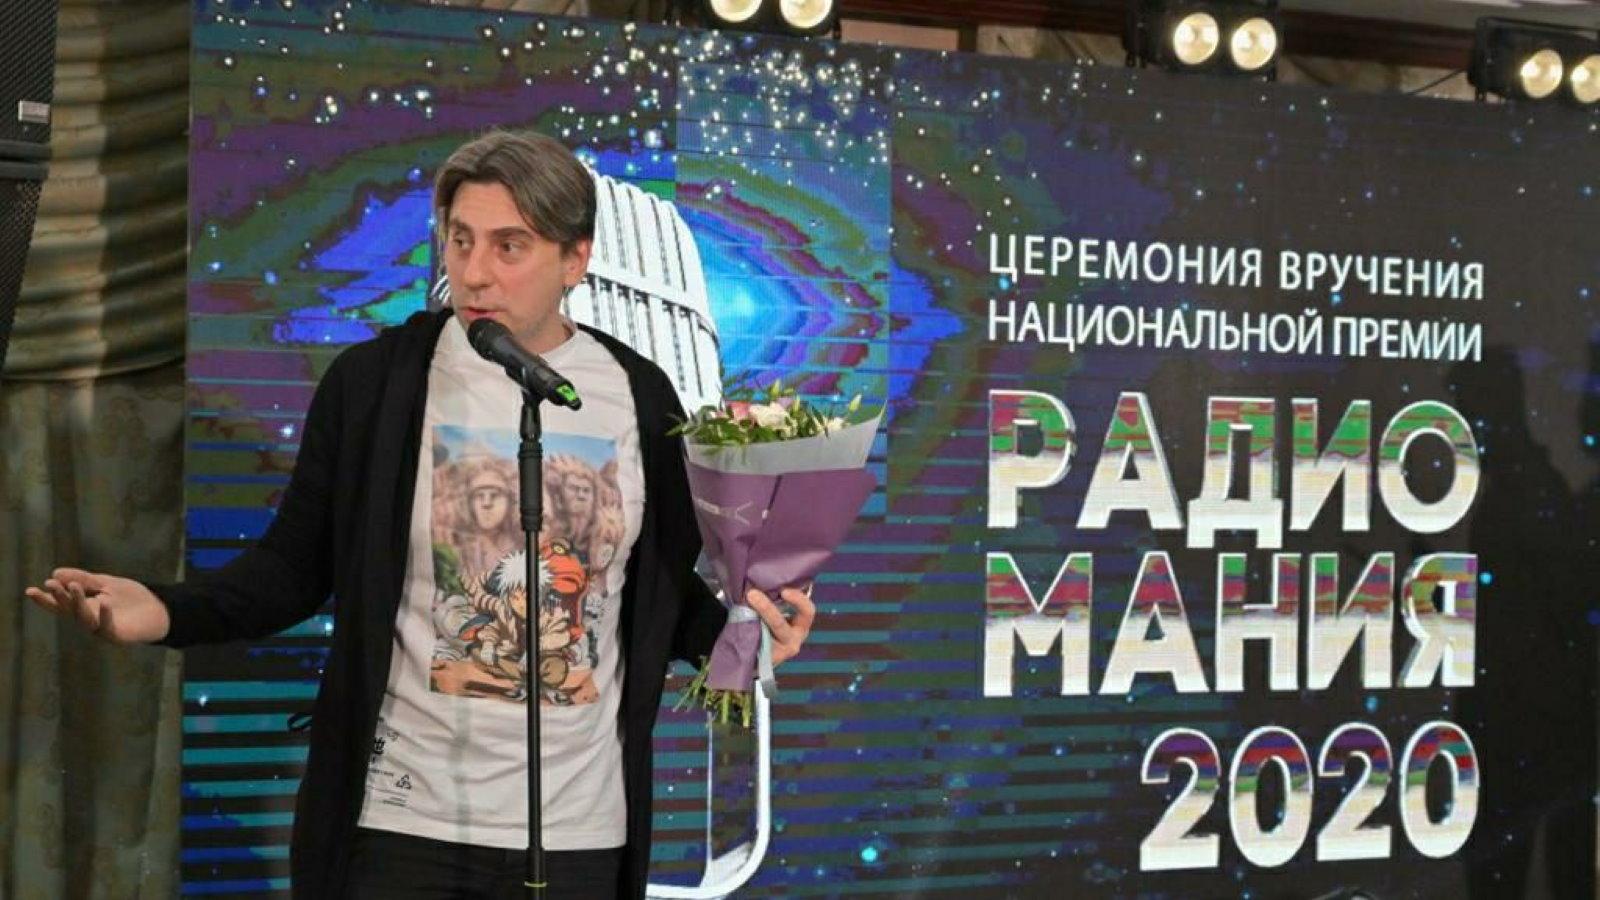 Генеральный директор Нового радио Роман Емельянов XIX ежегодная Национальная премия в области радиовещания Радиомания 2020